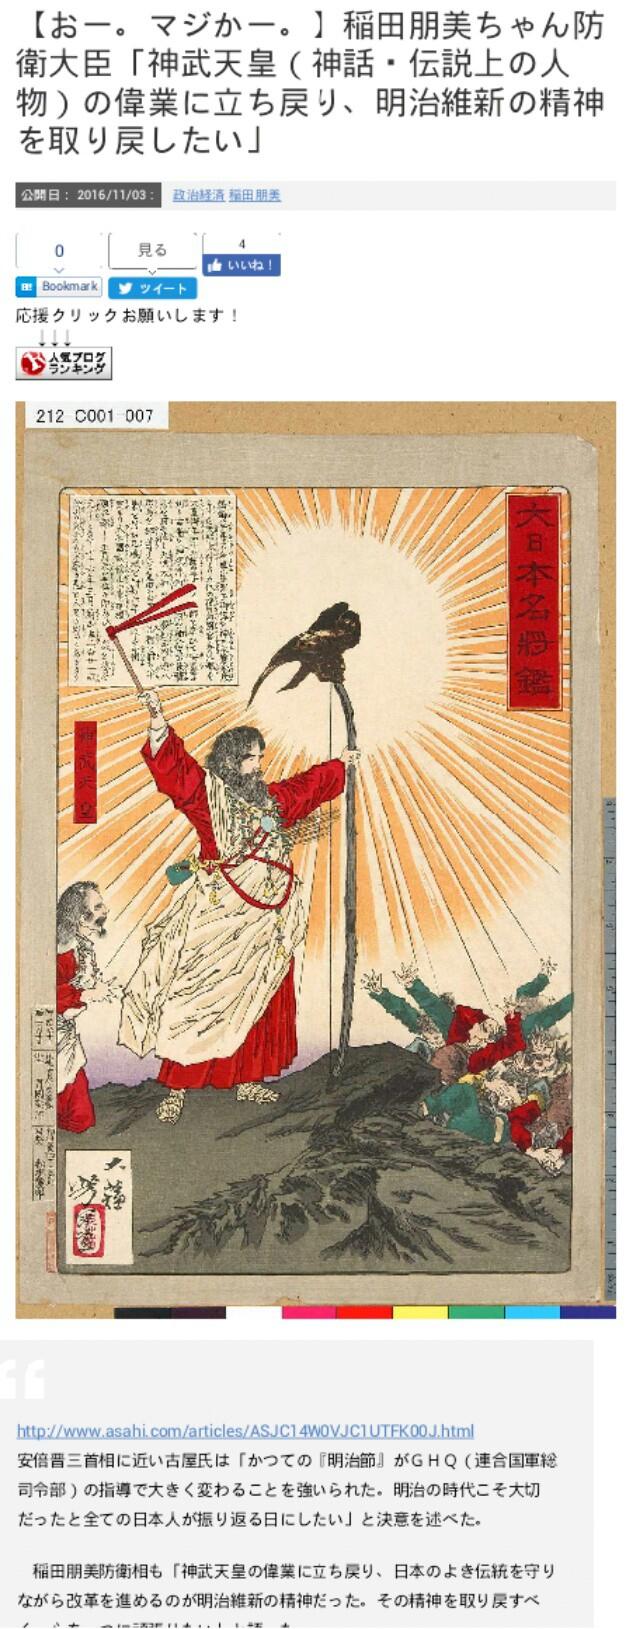 安倍改憲の異常さ!稲田朋美…神武天皇(神話・伝説上の人物)の偉業に立ち戻り、明治維新の精神を取り戻し